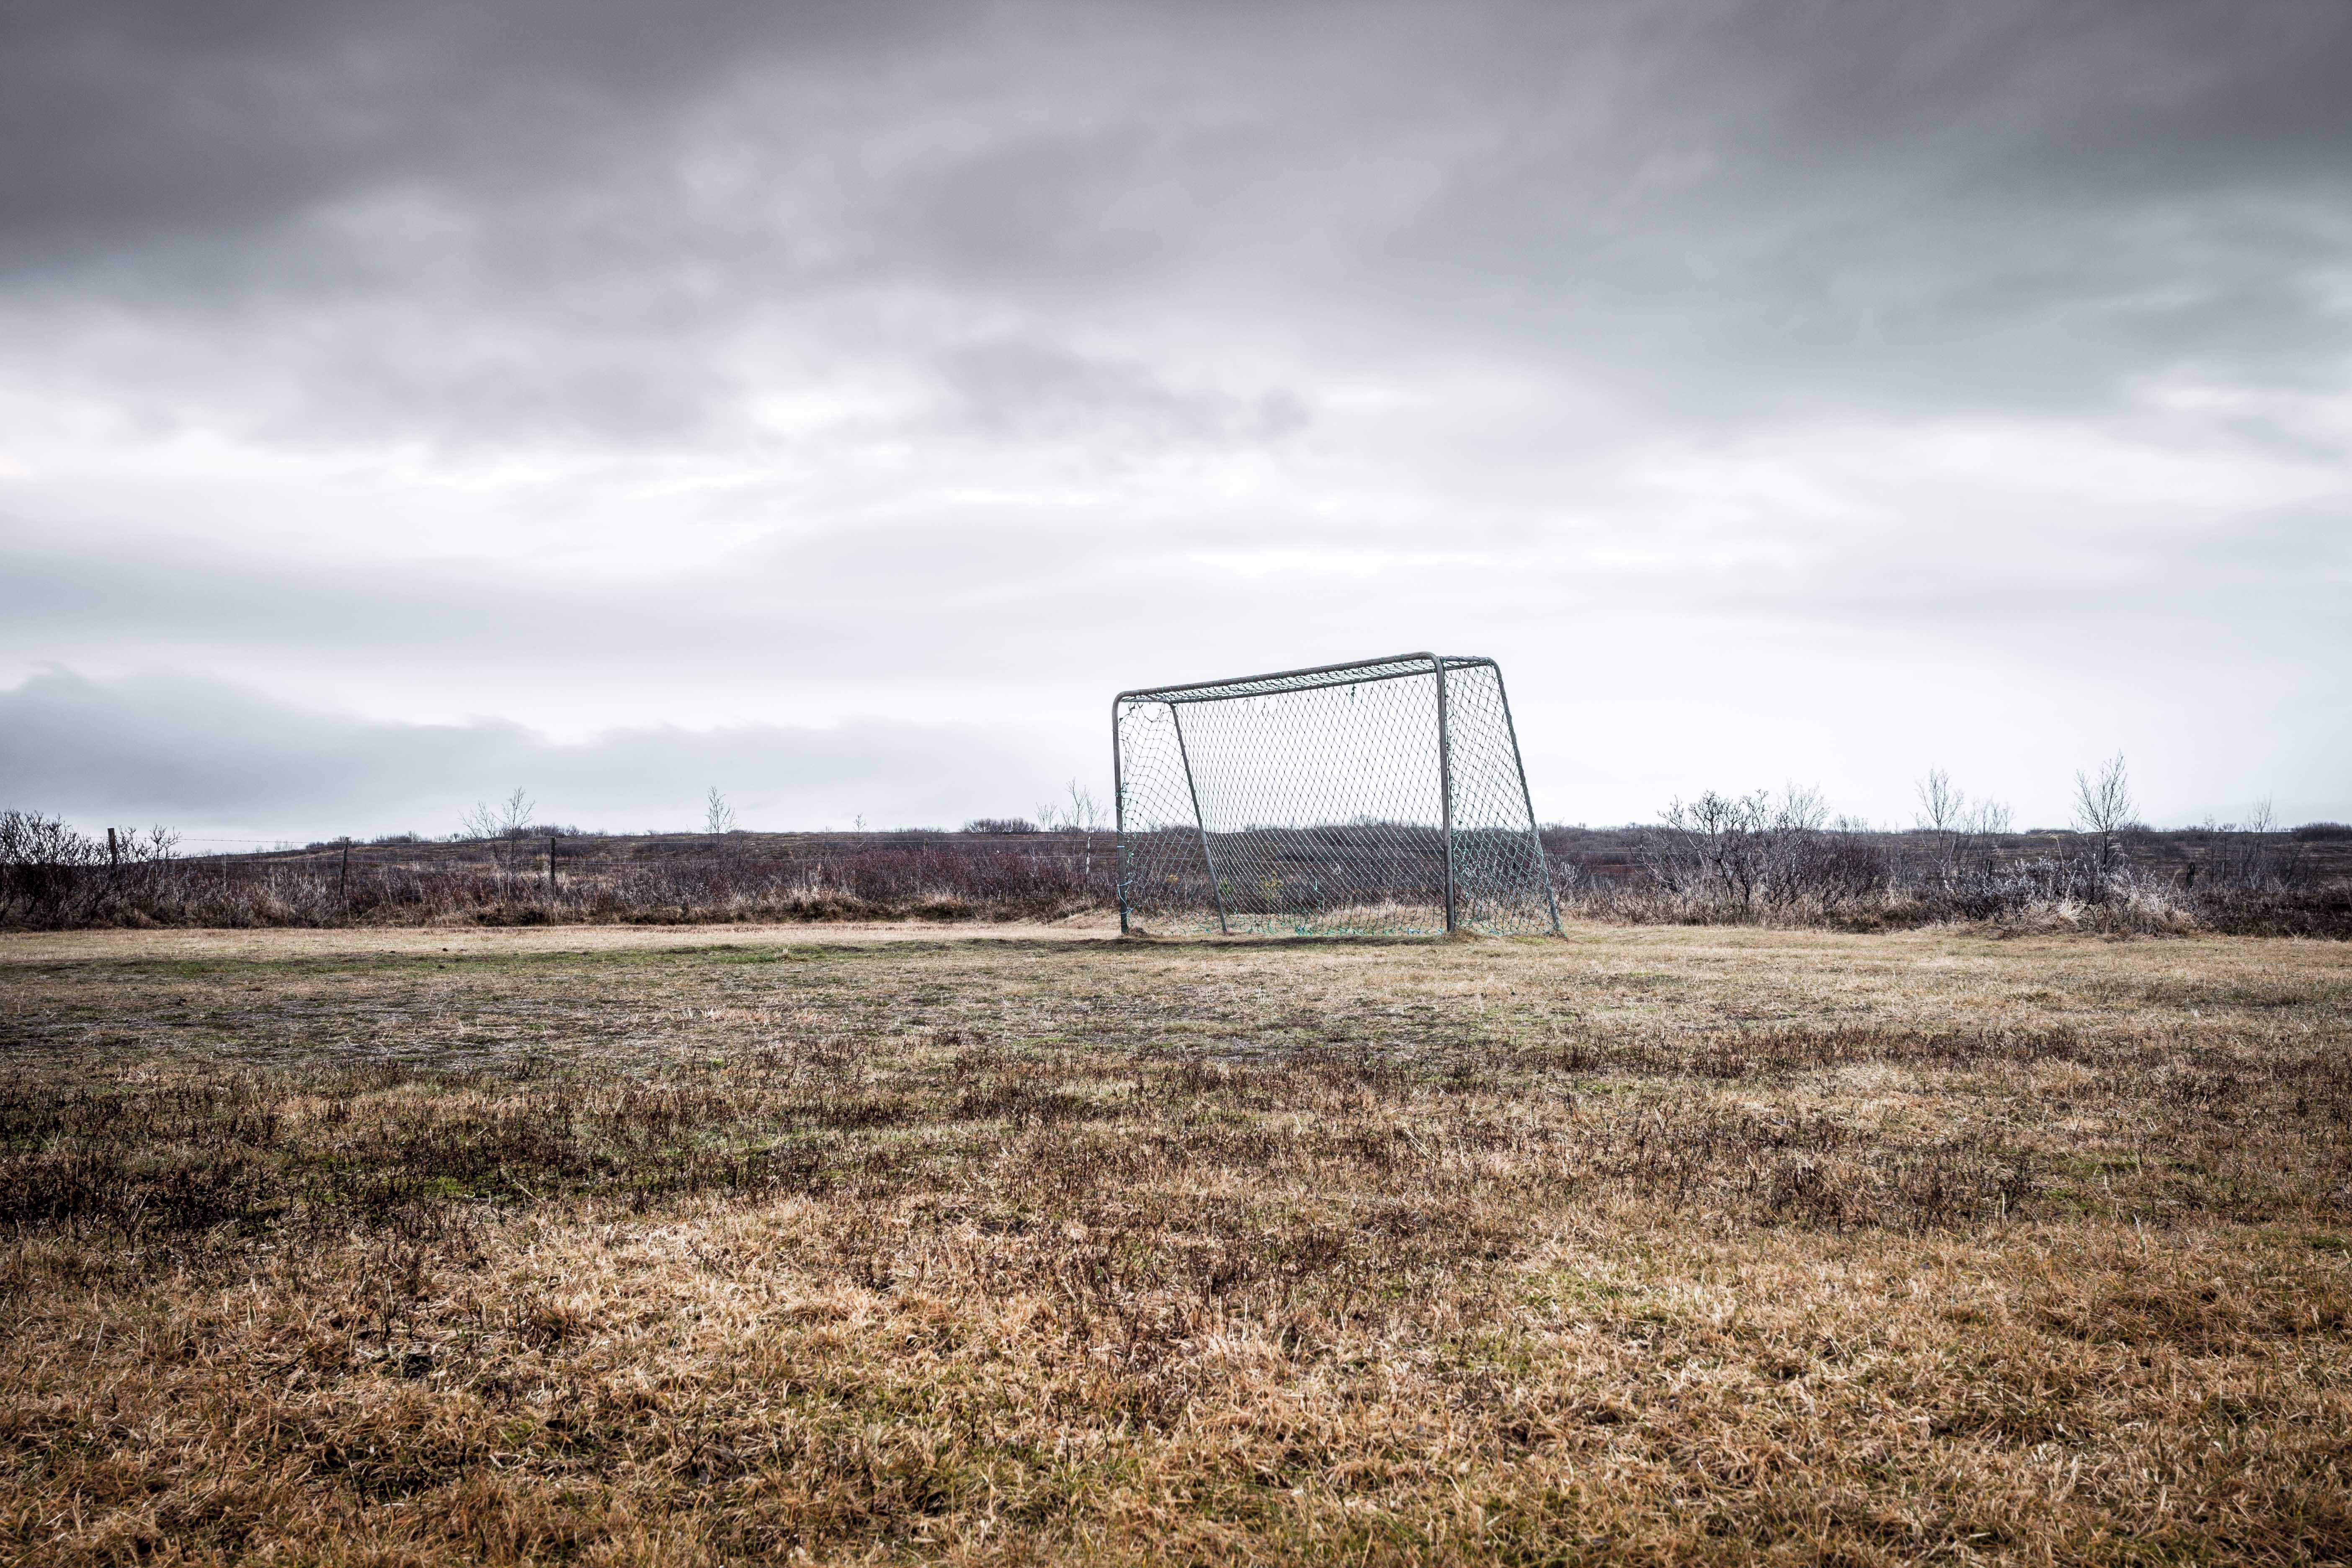 Soccer Goals. Iceland. 2016